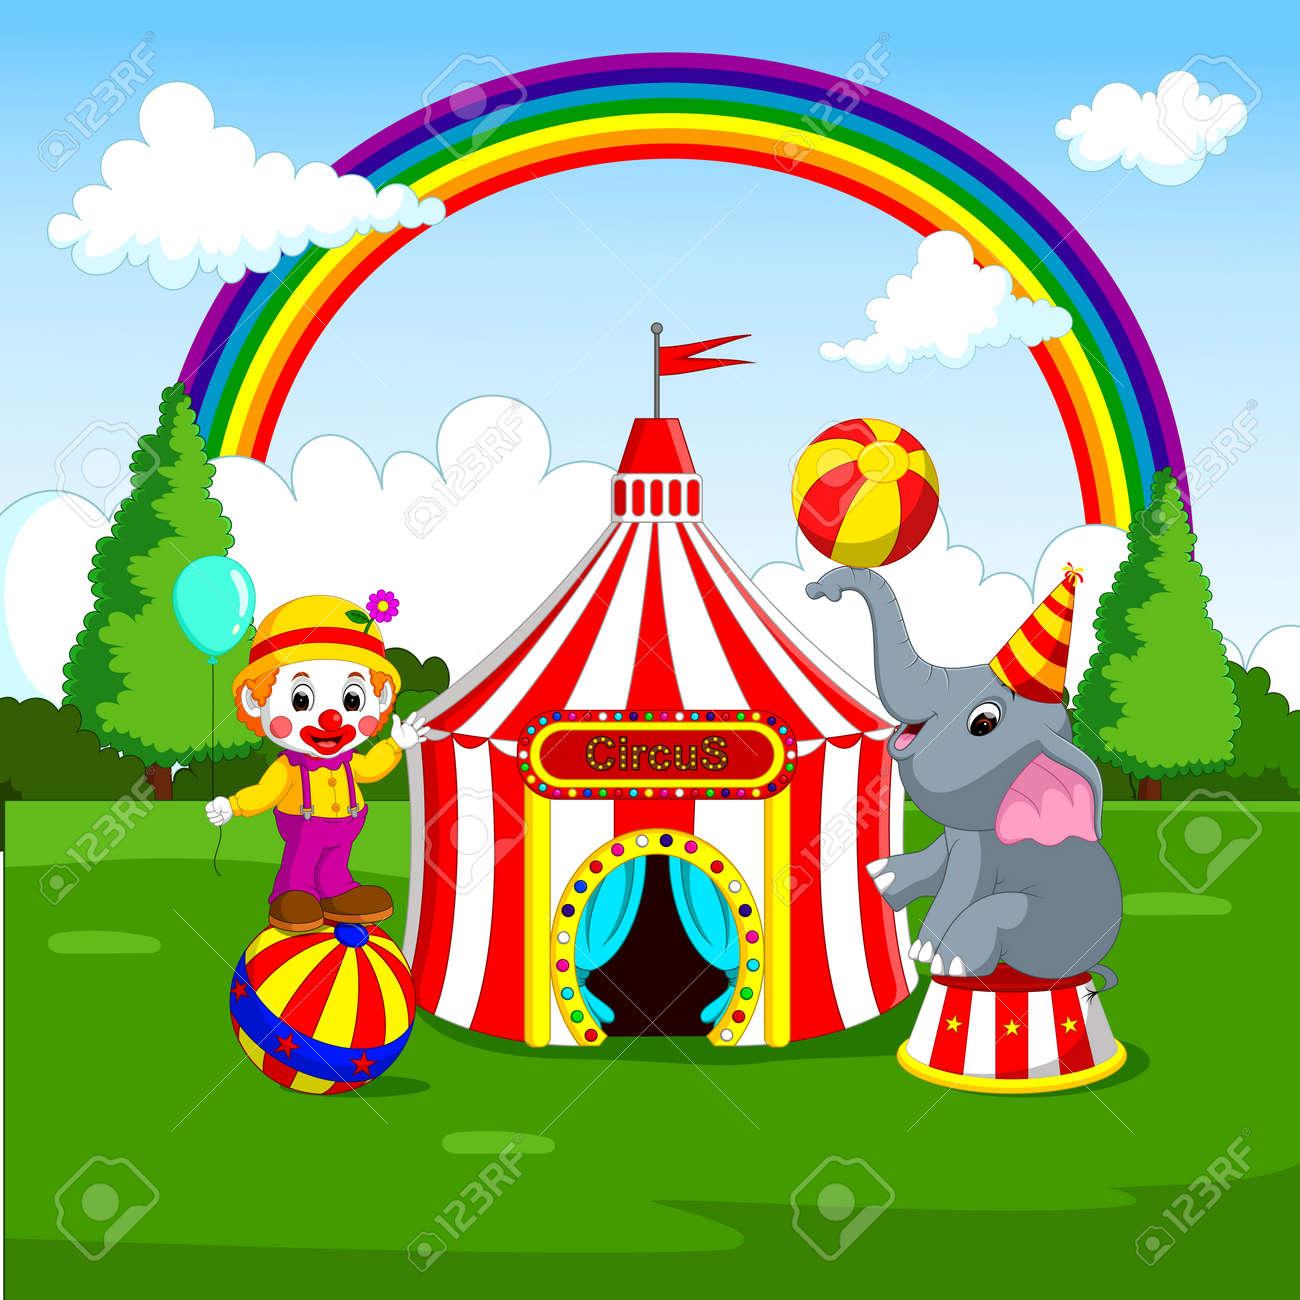 Immagini Stock Elefante E Pagliaccio Del Circo Con La Priorità